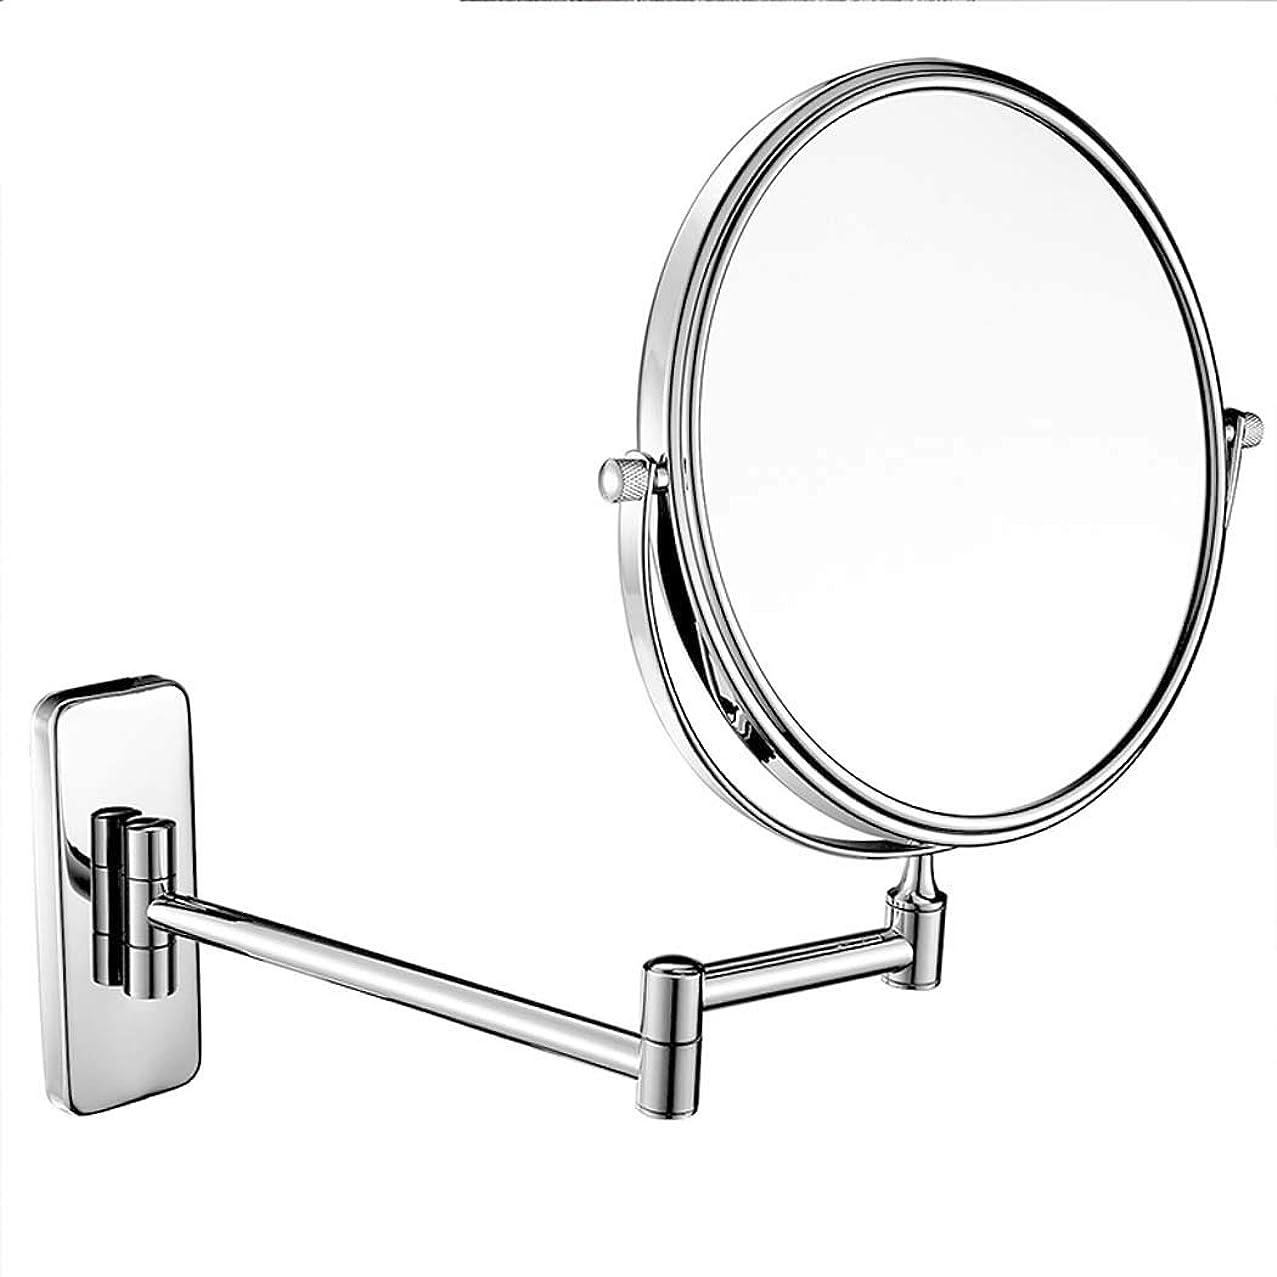 すき寛解スコットランド人壁に取り付けられた浴室用ミラー両面化粧鏡3倍/ 5倍/ 7倍/ 10倍拡大虚栄心拡大鏡360°回転、バス、スパ、ホテル用に拡張可能 (色 : クロム, サイズ さいず : 7x-6 inch)